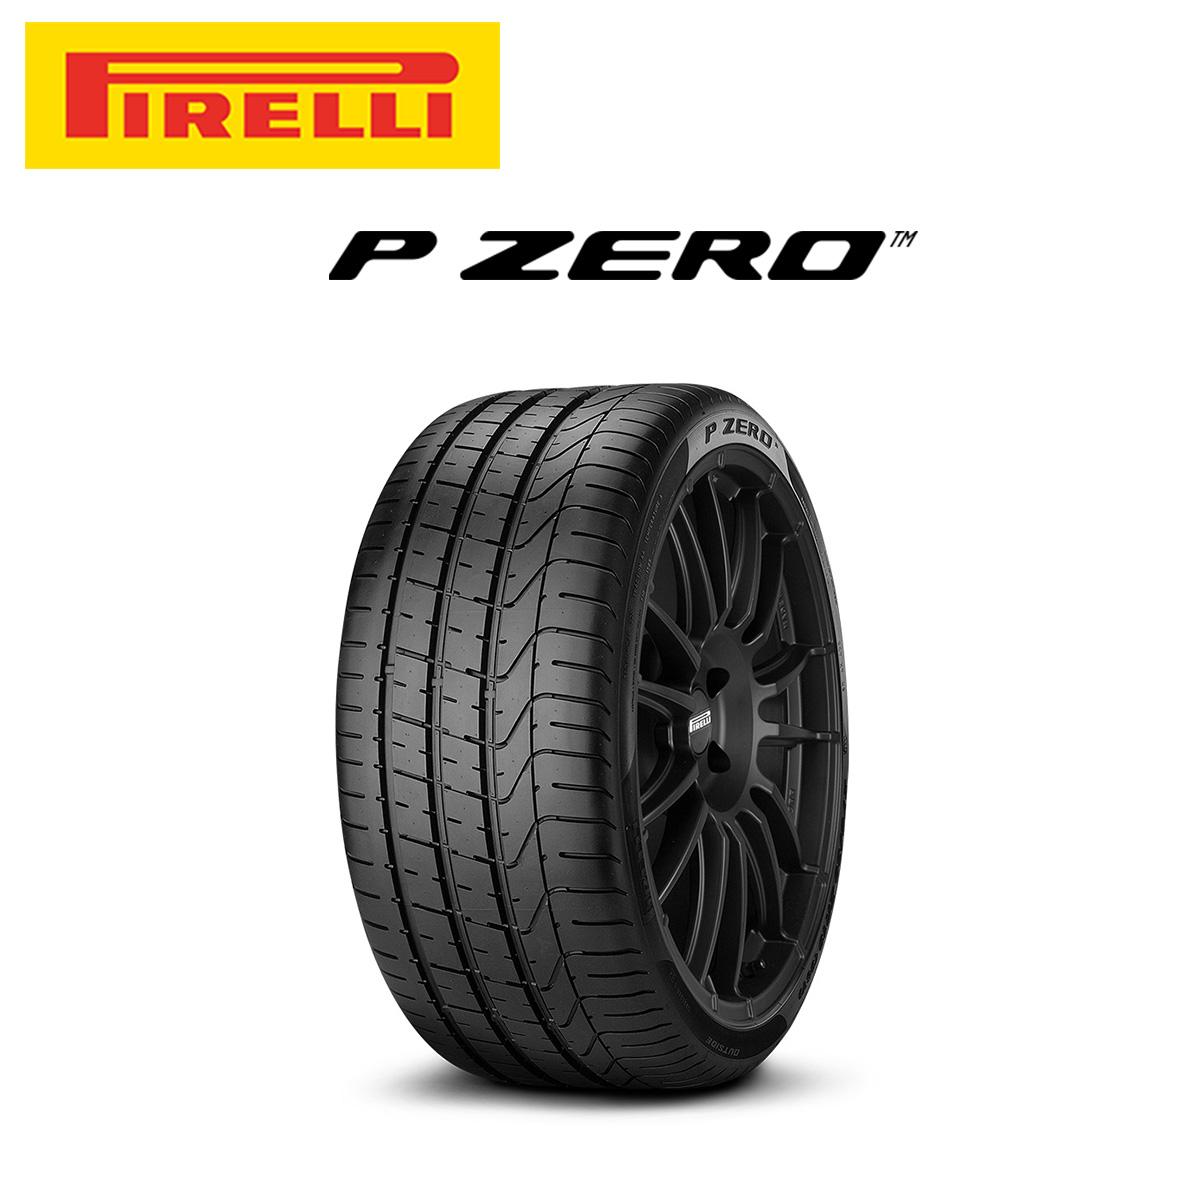 ピレリ PIRELLI P ZERO ピーゼロ 20インチ サマー タイヤ 4本 セット 305/30ZR20 103Y XL L:ランボルギーニ承認タイヤ 2154700